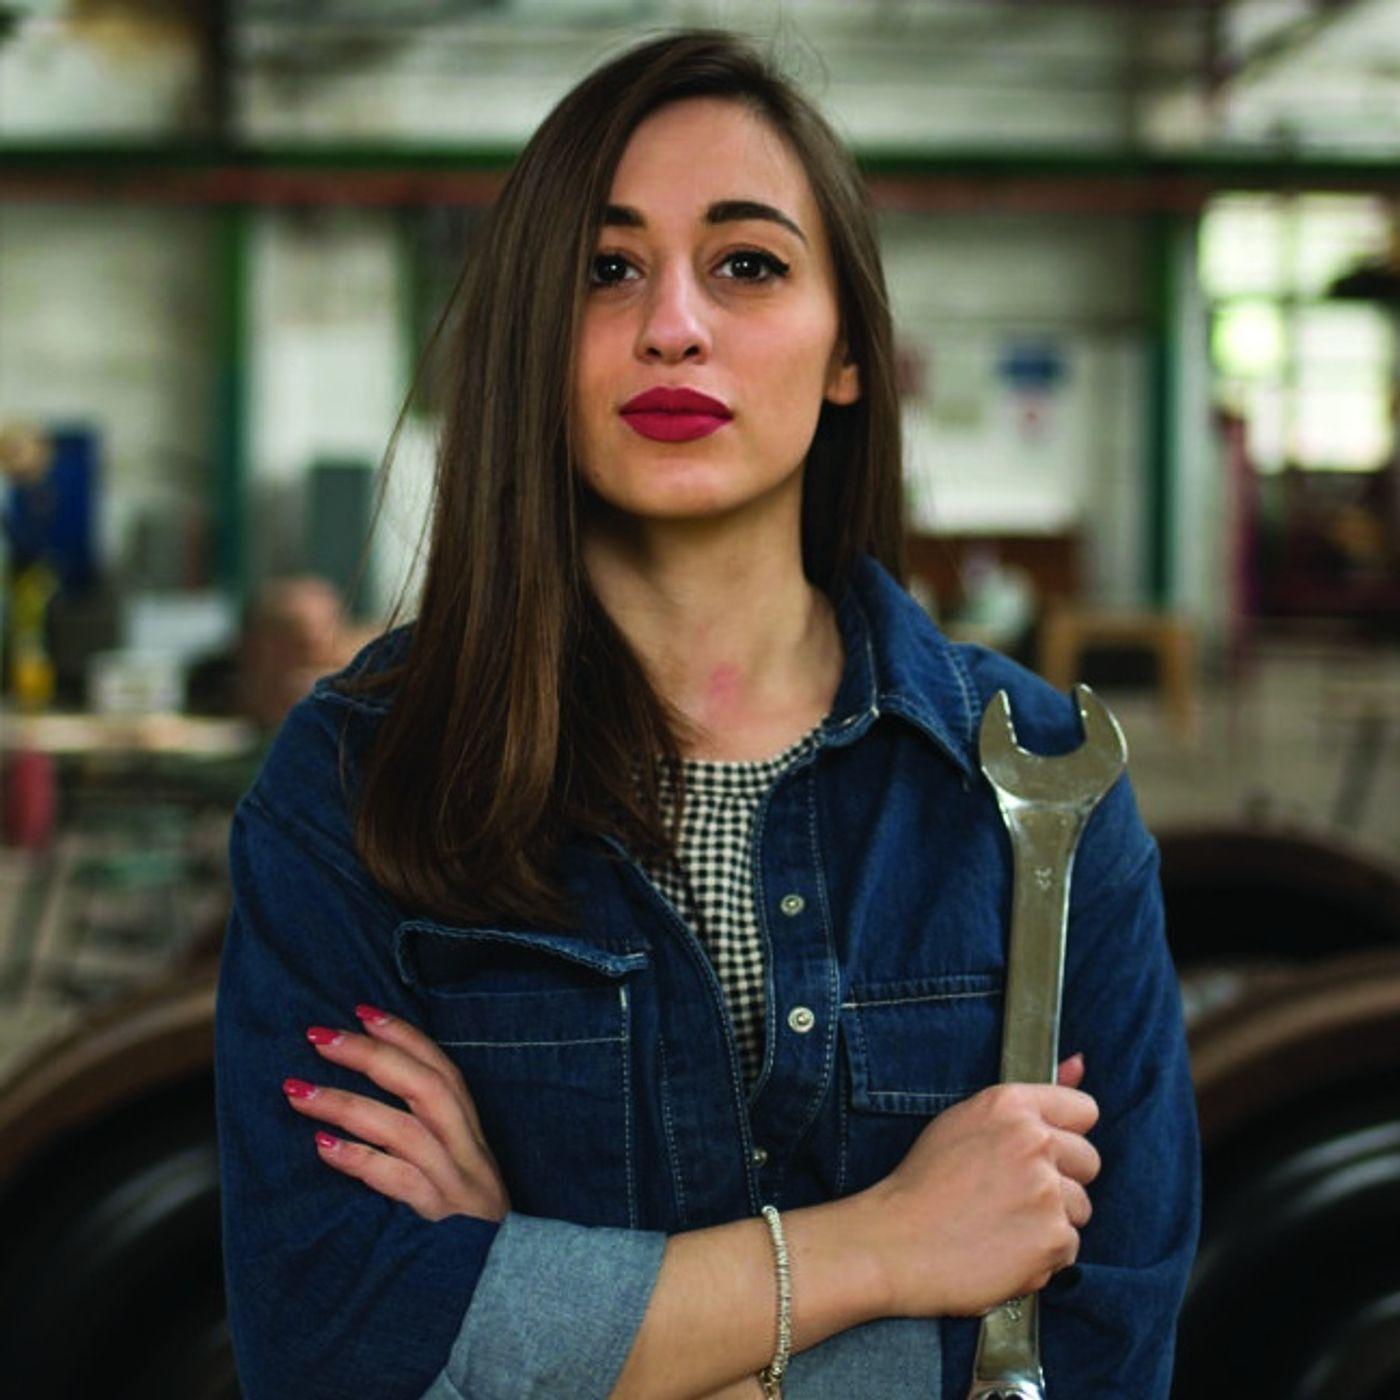 Intervista Nanna's Garage: ho restaurato una vecchia Fiat 500, da sola.